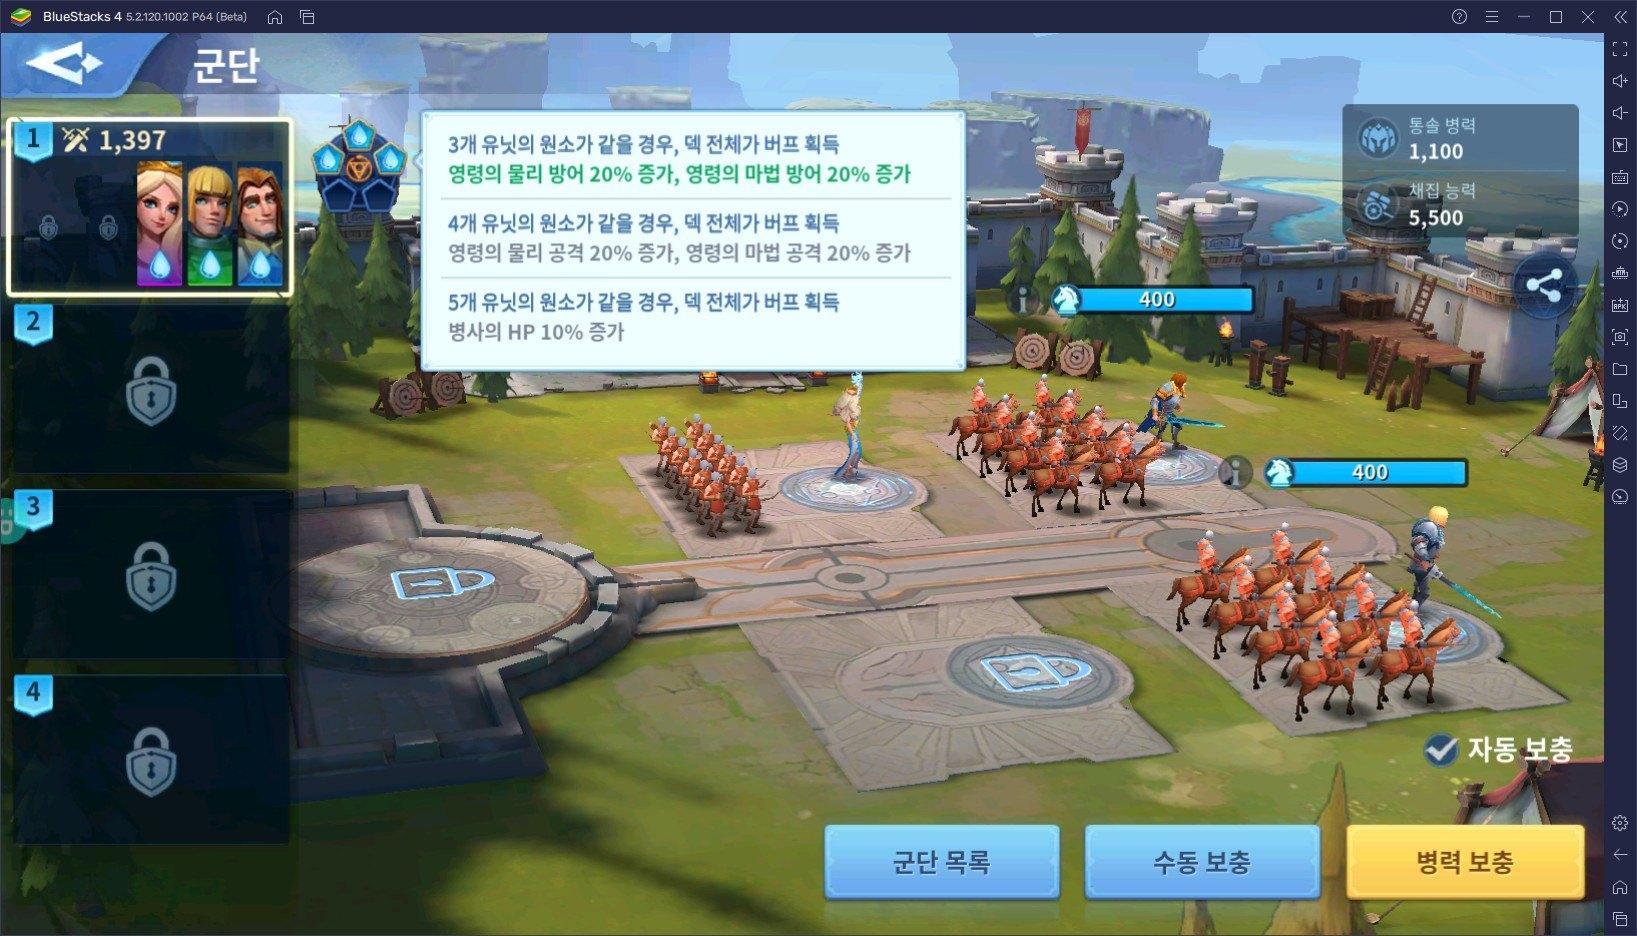 새로운 전략 시뮬레이션, 인피니티 킹덤을 블루스택으로 시작하고 최고의 영주가 되어봐요!